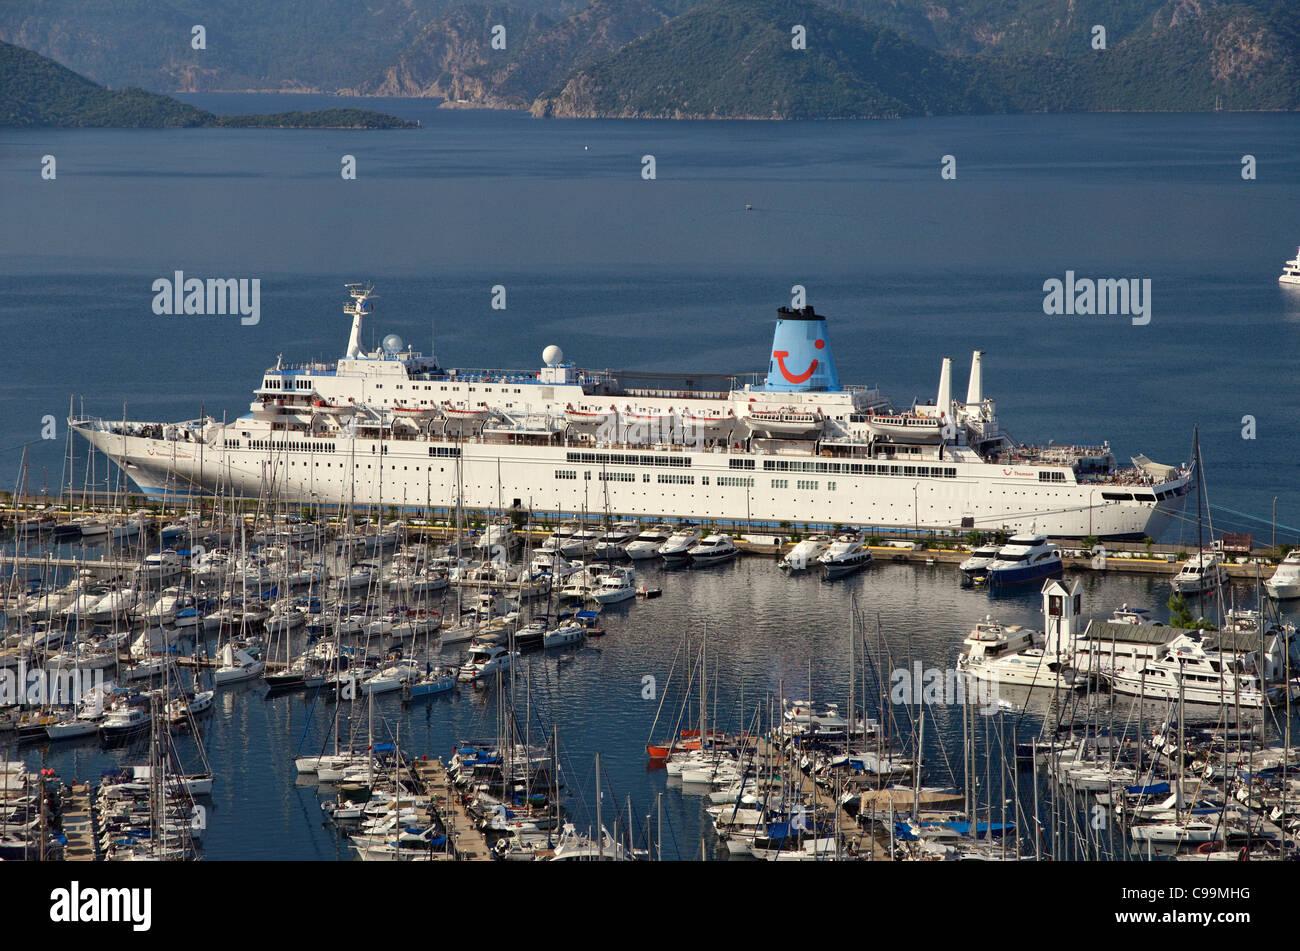 Thomson 'Celebration' cruise ship at Marmaris cruise port, Mugla, Turkey - Stock Image